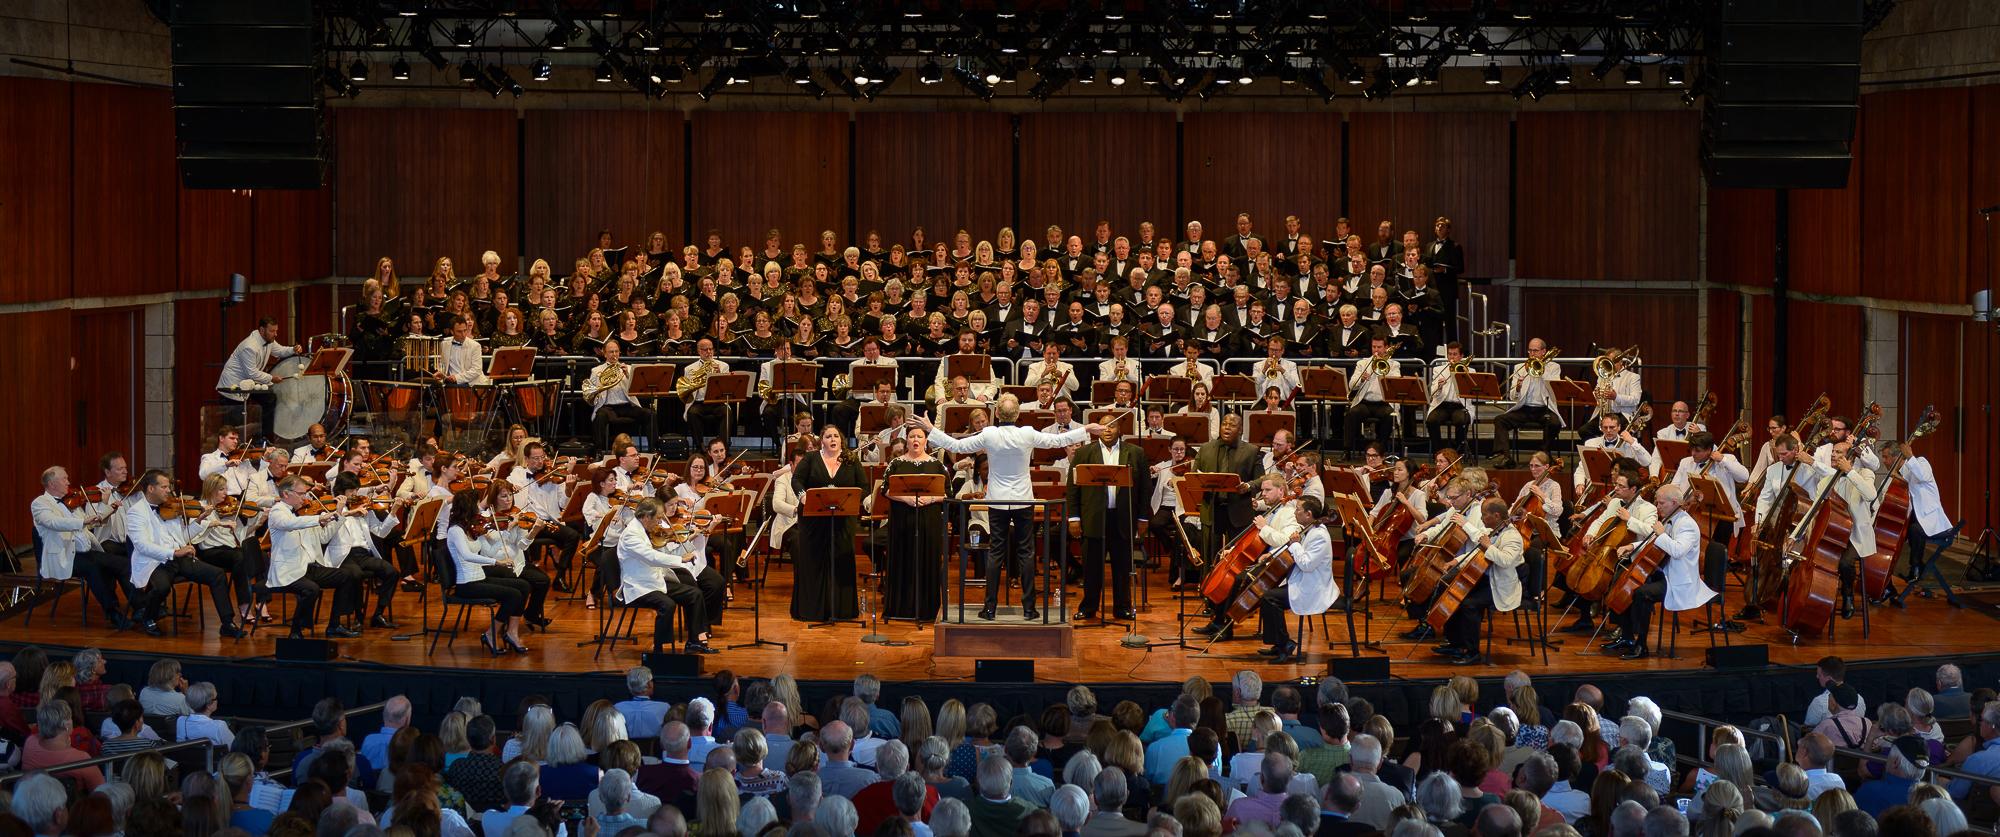 2017 SVSS Verdi Requiem 8-12-17 - 47972 - Nils Ribi - web -2.jpg